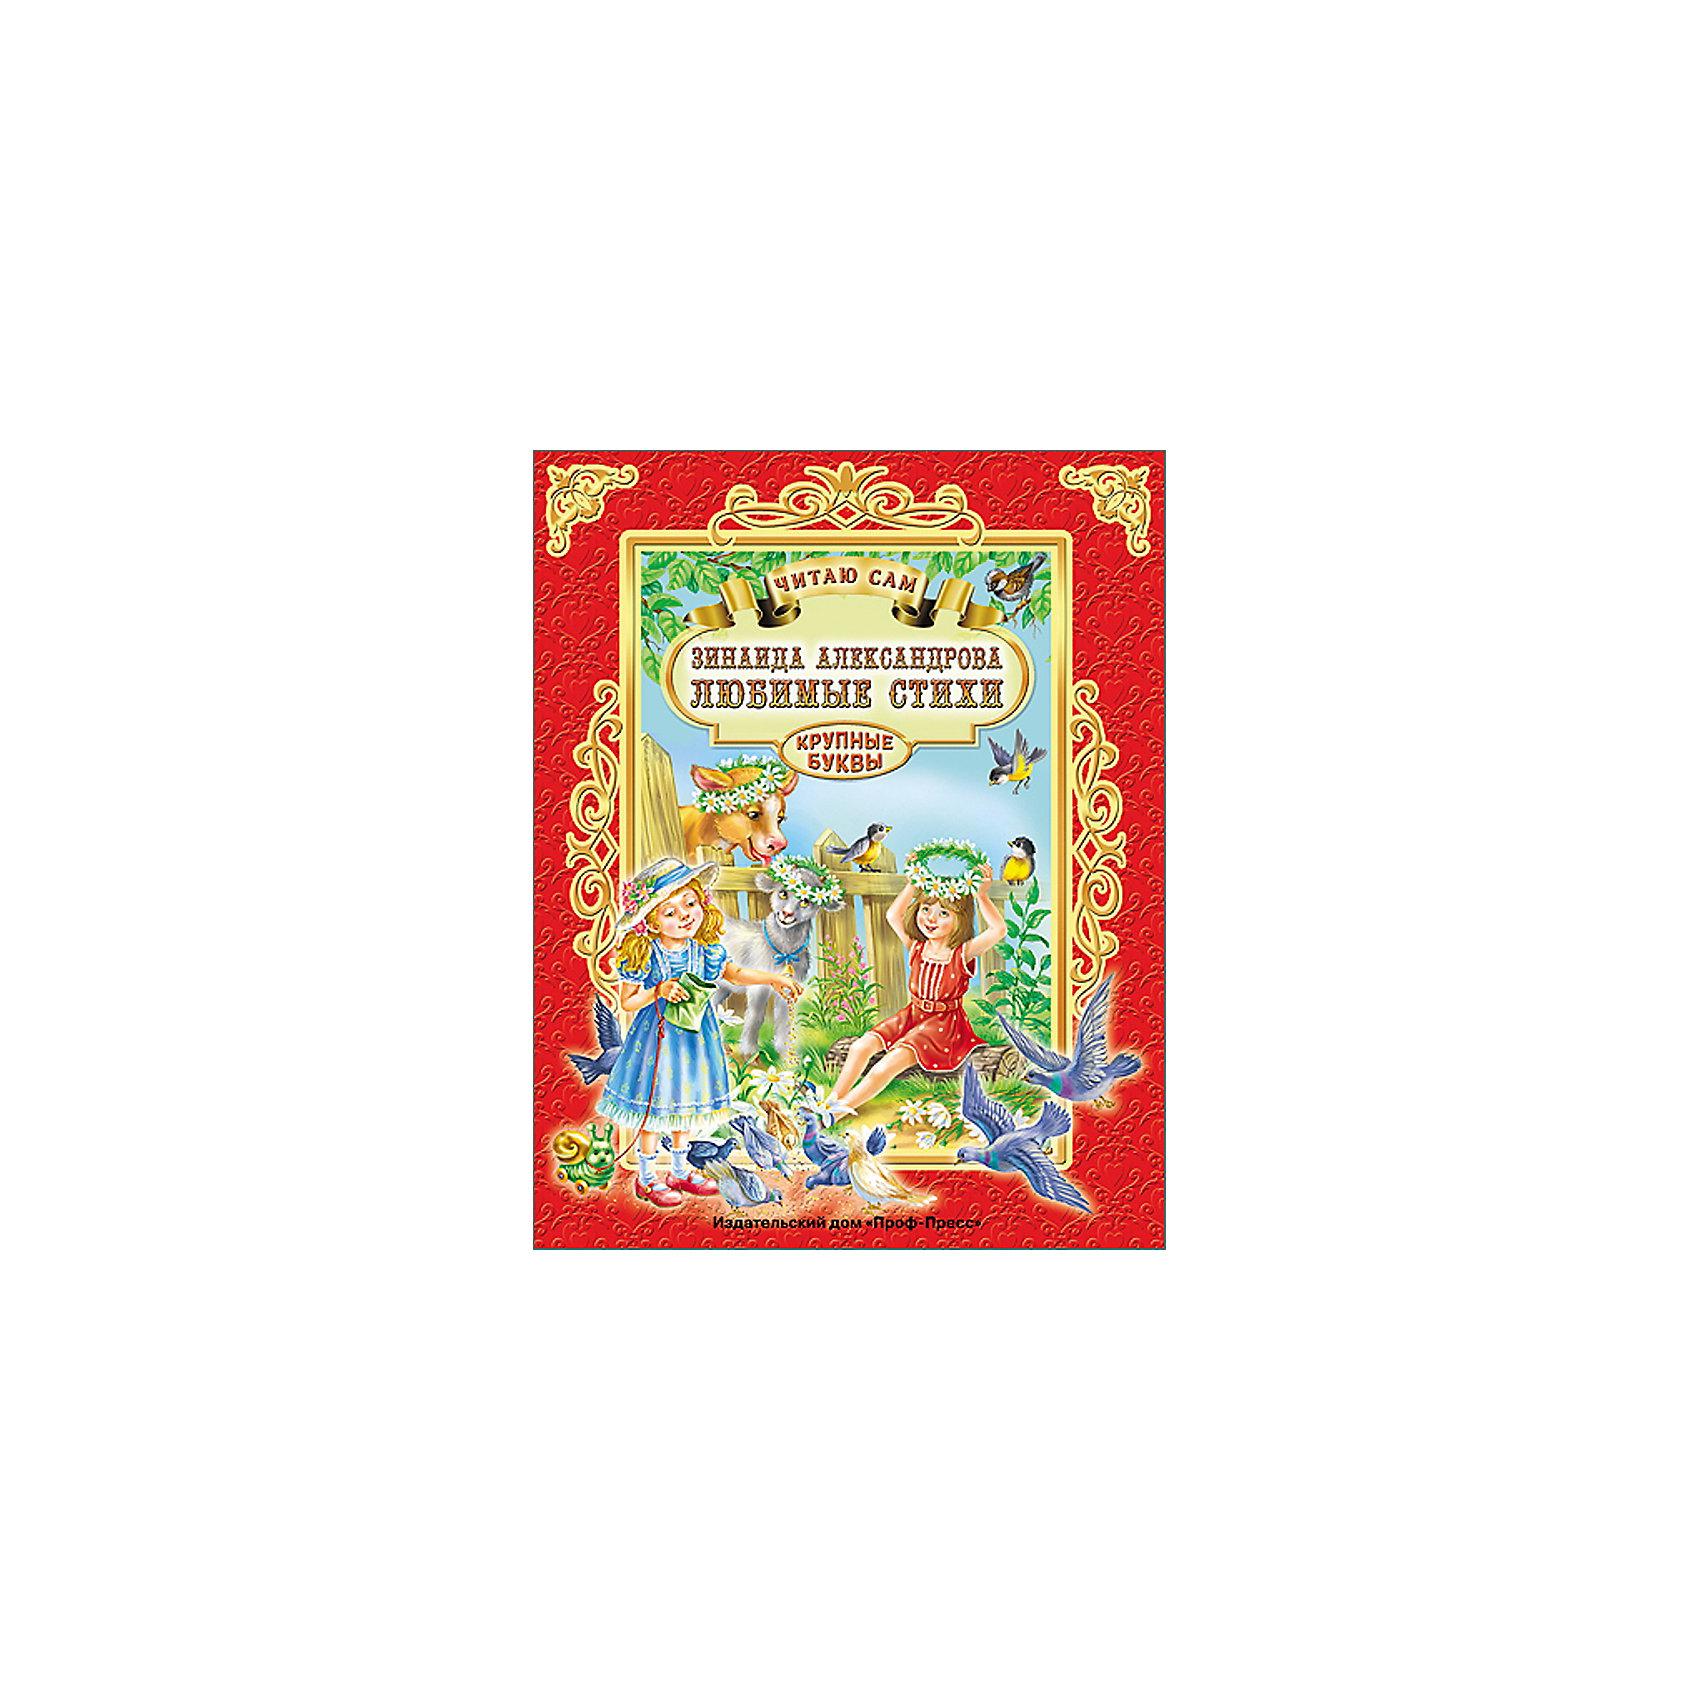 Читаю сам Любимые стихи, З. АлександроваЧитаем по слогам<br>Книги серии Читаю сам отличаются крупным шрифтом - это важно для детей, которые только учатся читать. Это издание очень красиво оформлено, в него вошли самые интересные стихи известной поэтессы З.Александровой. Яркие картинки обязательно понравятся малышам! Книга сделана из качественных и безопасных для детей материалов.<br>  <br>Дополнительная информация:<br><br>размер: 200х7х255 мм;<br>вес: 200 г.<br><br>Книгу Читаю сам Любимые стихи, З. Александрова от издательства Проф-Пресс можно купить в нашем магазине.<br><br>Ширина мм: 200<br>Глубина мм: 7<br>Высота мм: 255<br>Вес г: 200<br>Возраст от месяцев: 48<br>Возраст до месяцев: 84<br>Пол: Унисекс<br>Возраст: Детский<br>SKU: 4787339